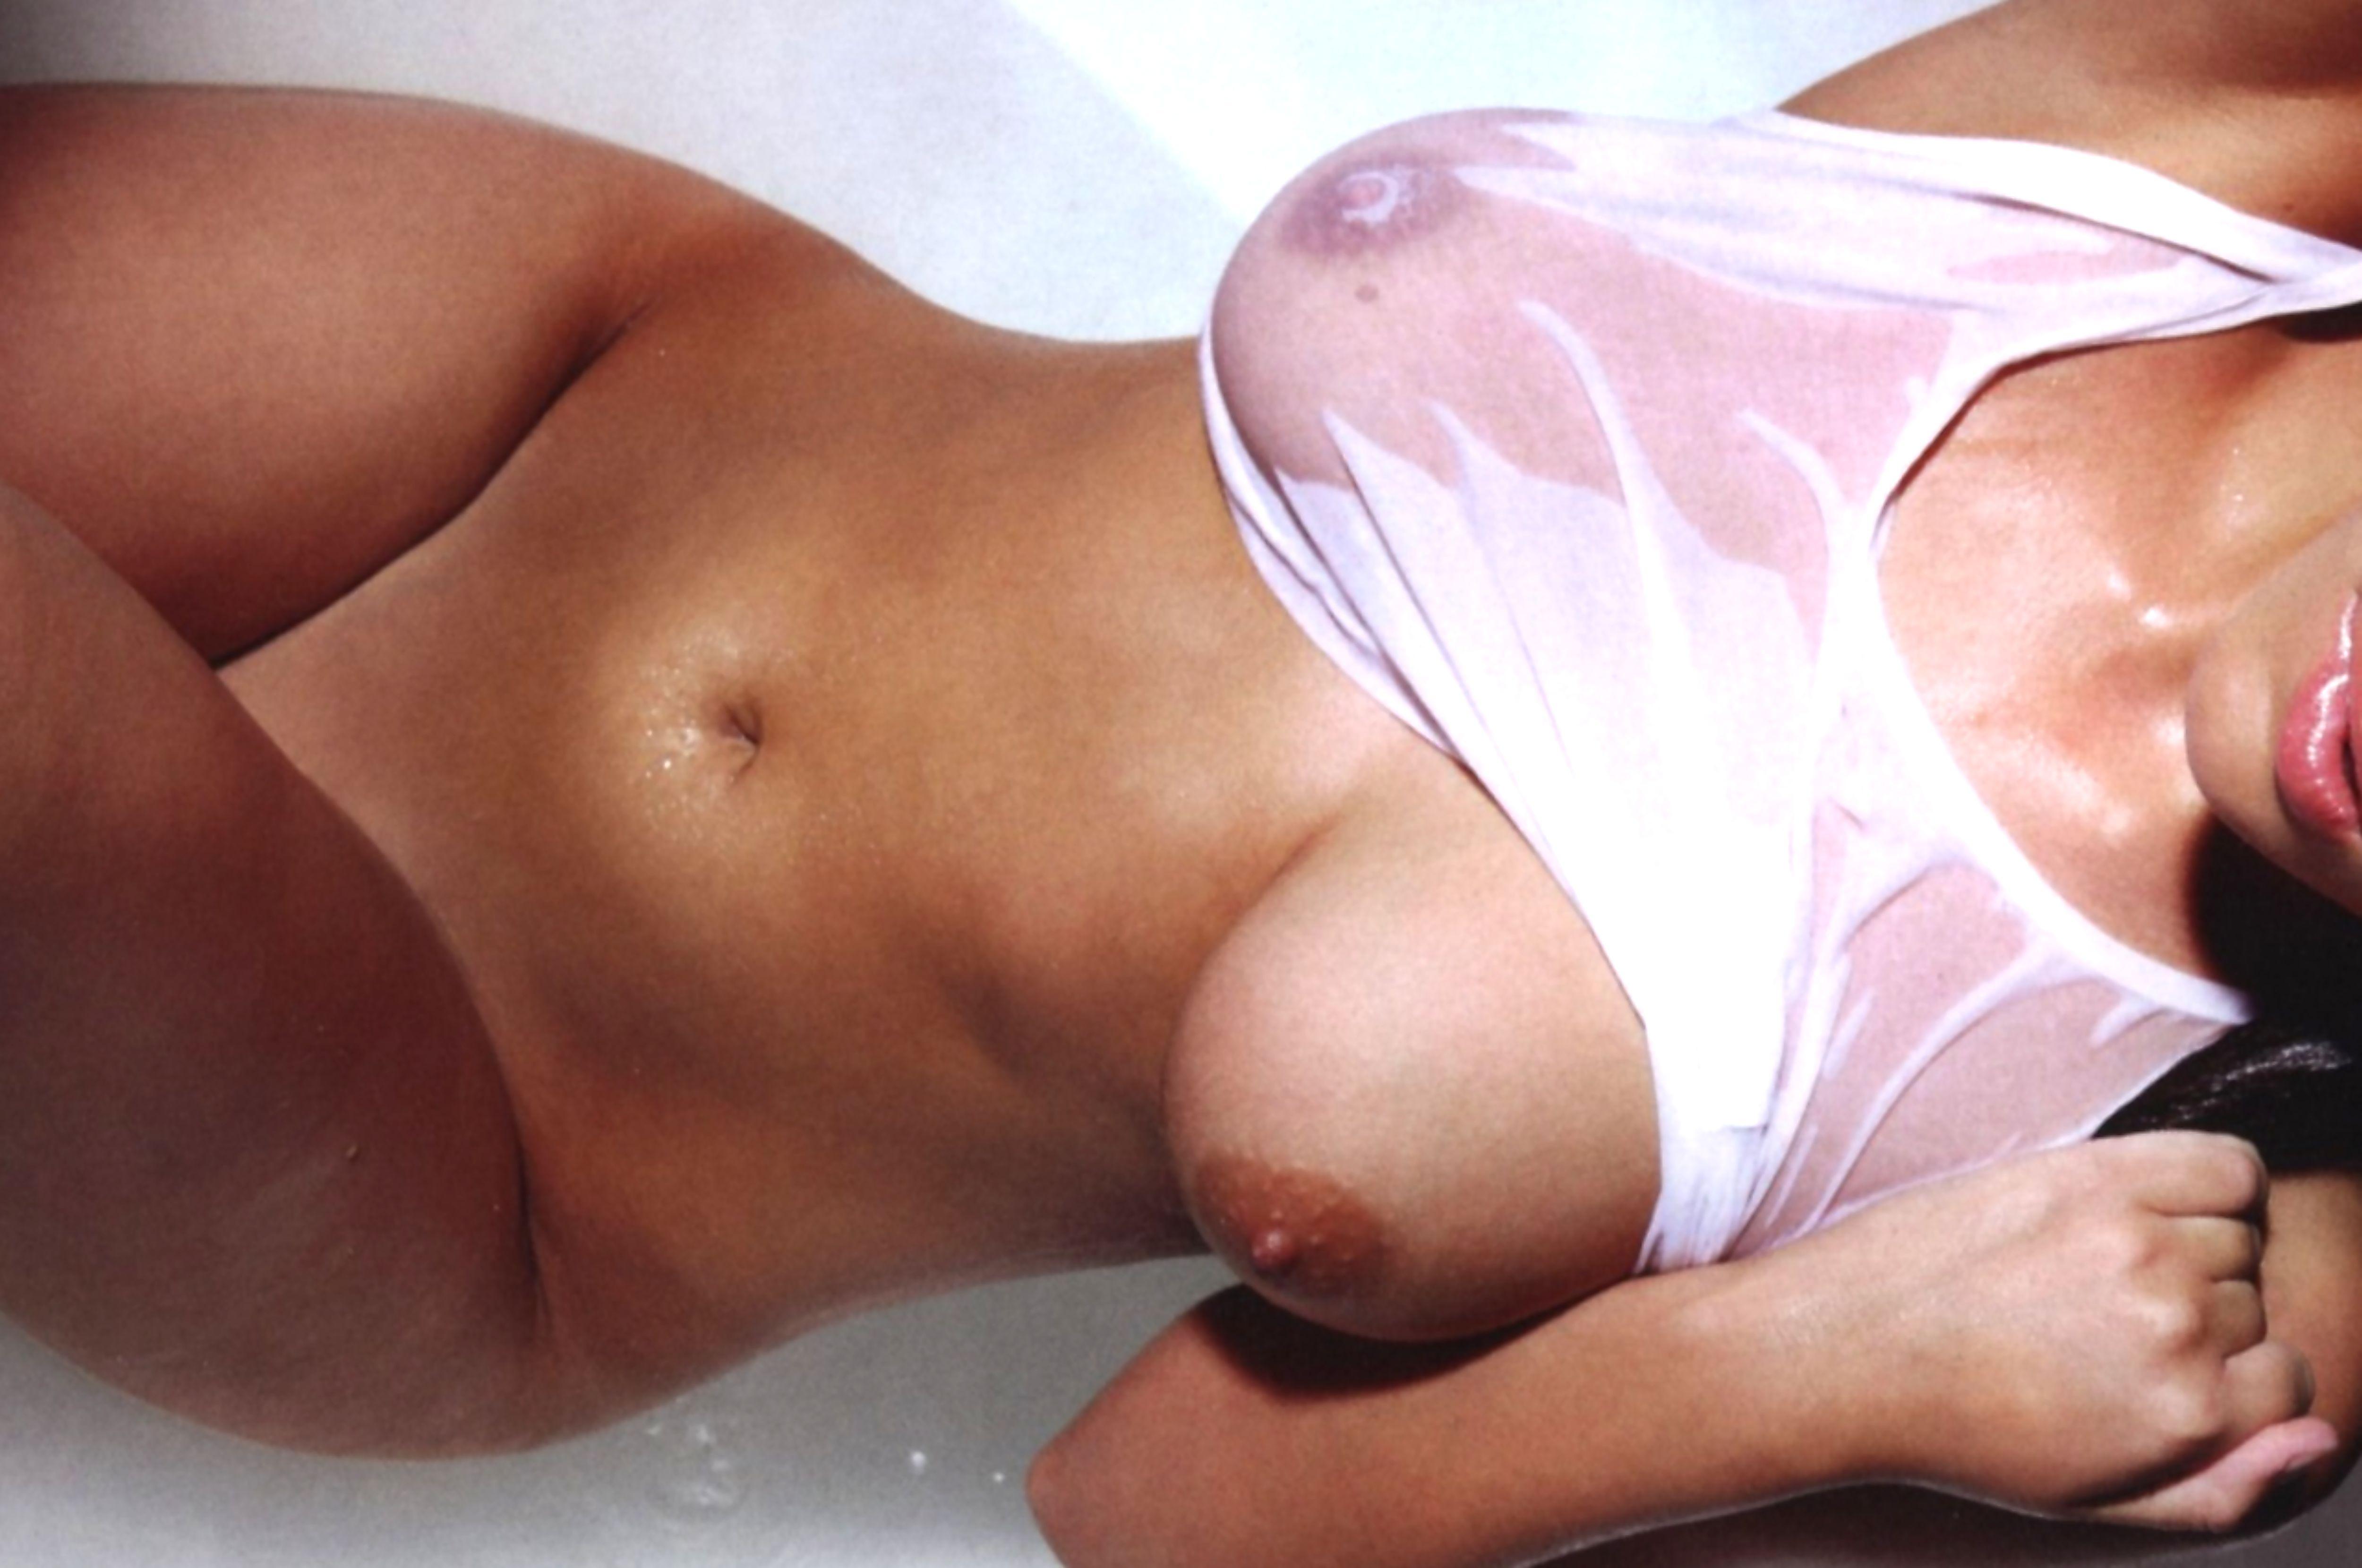 nude girl pics on youtube